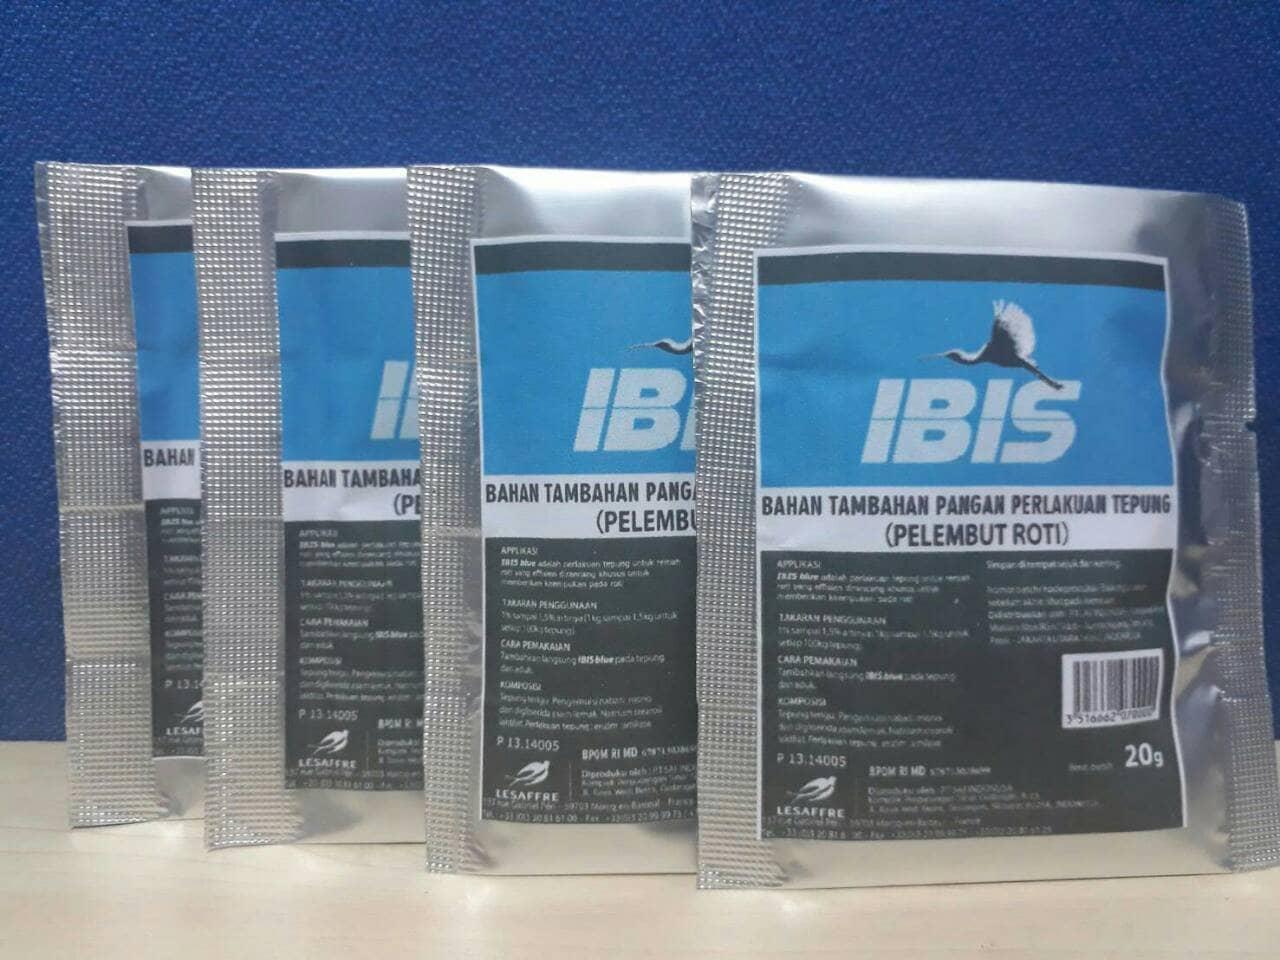 ibis blue 20gr (bukan repack) - Blanja.com